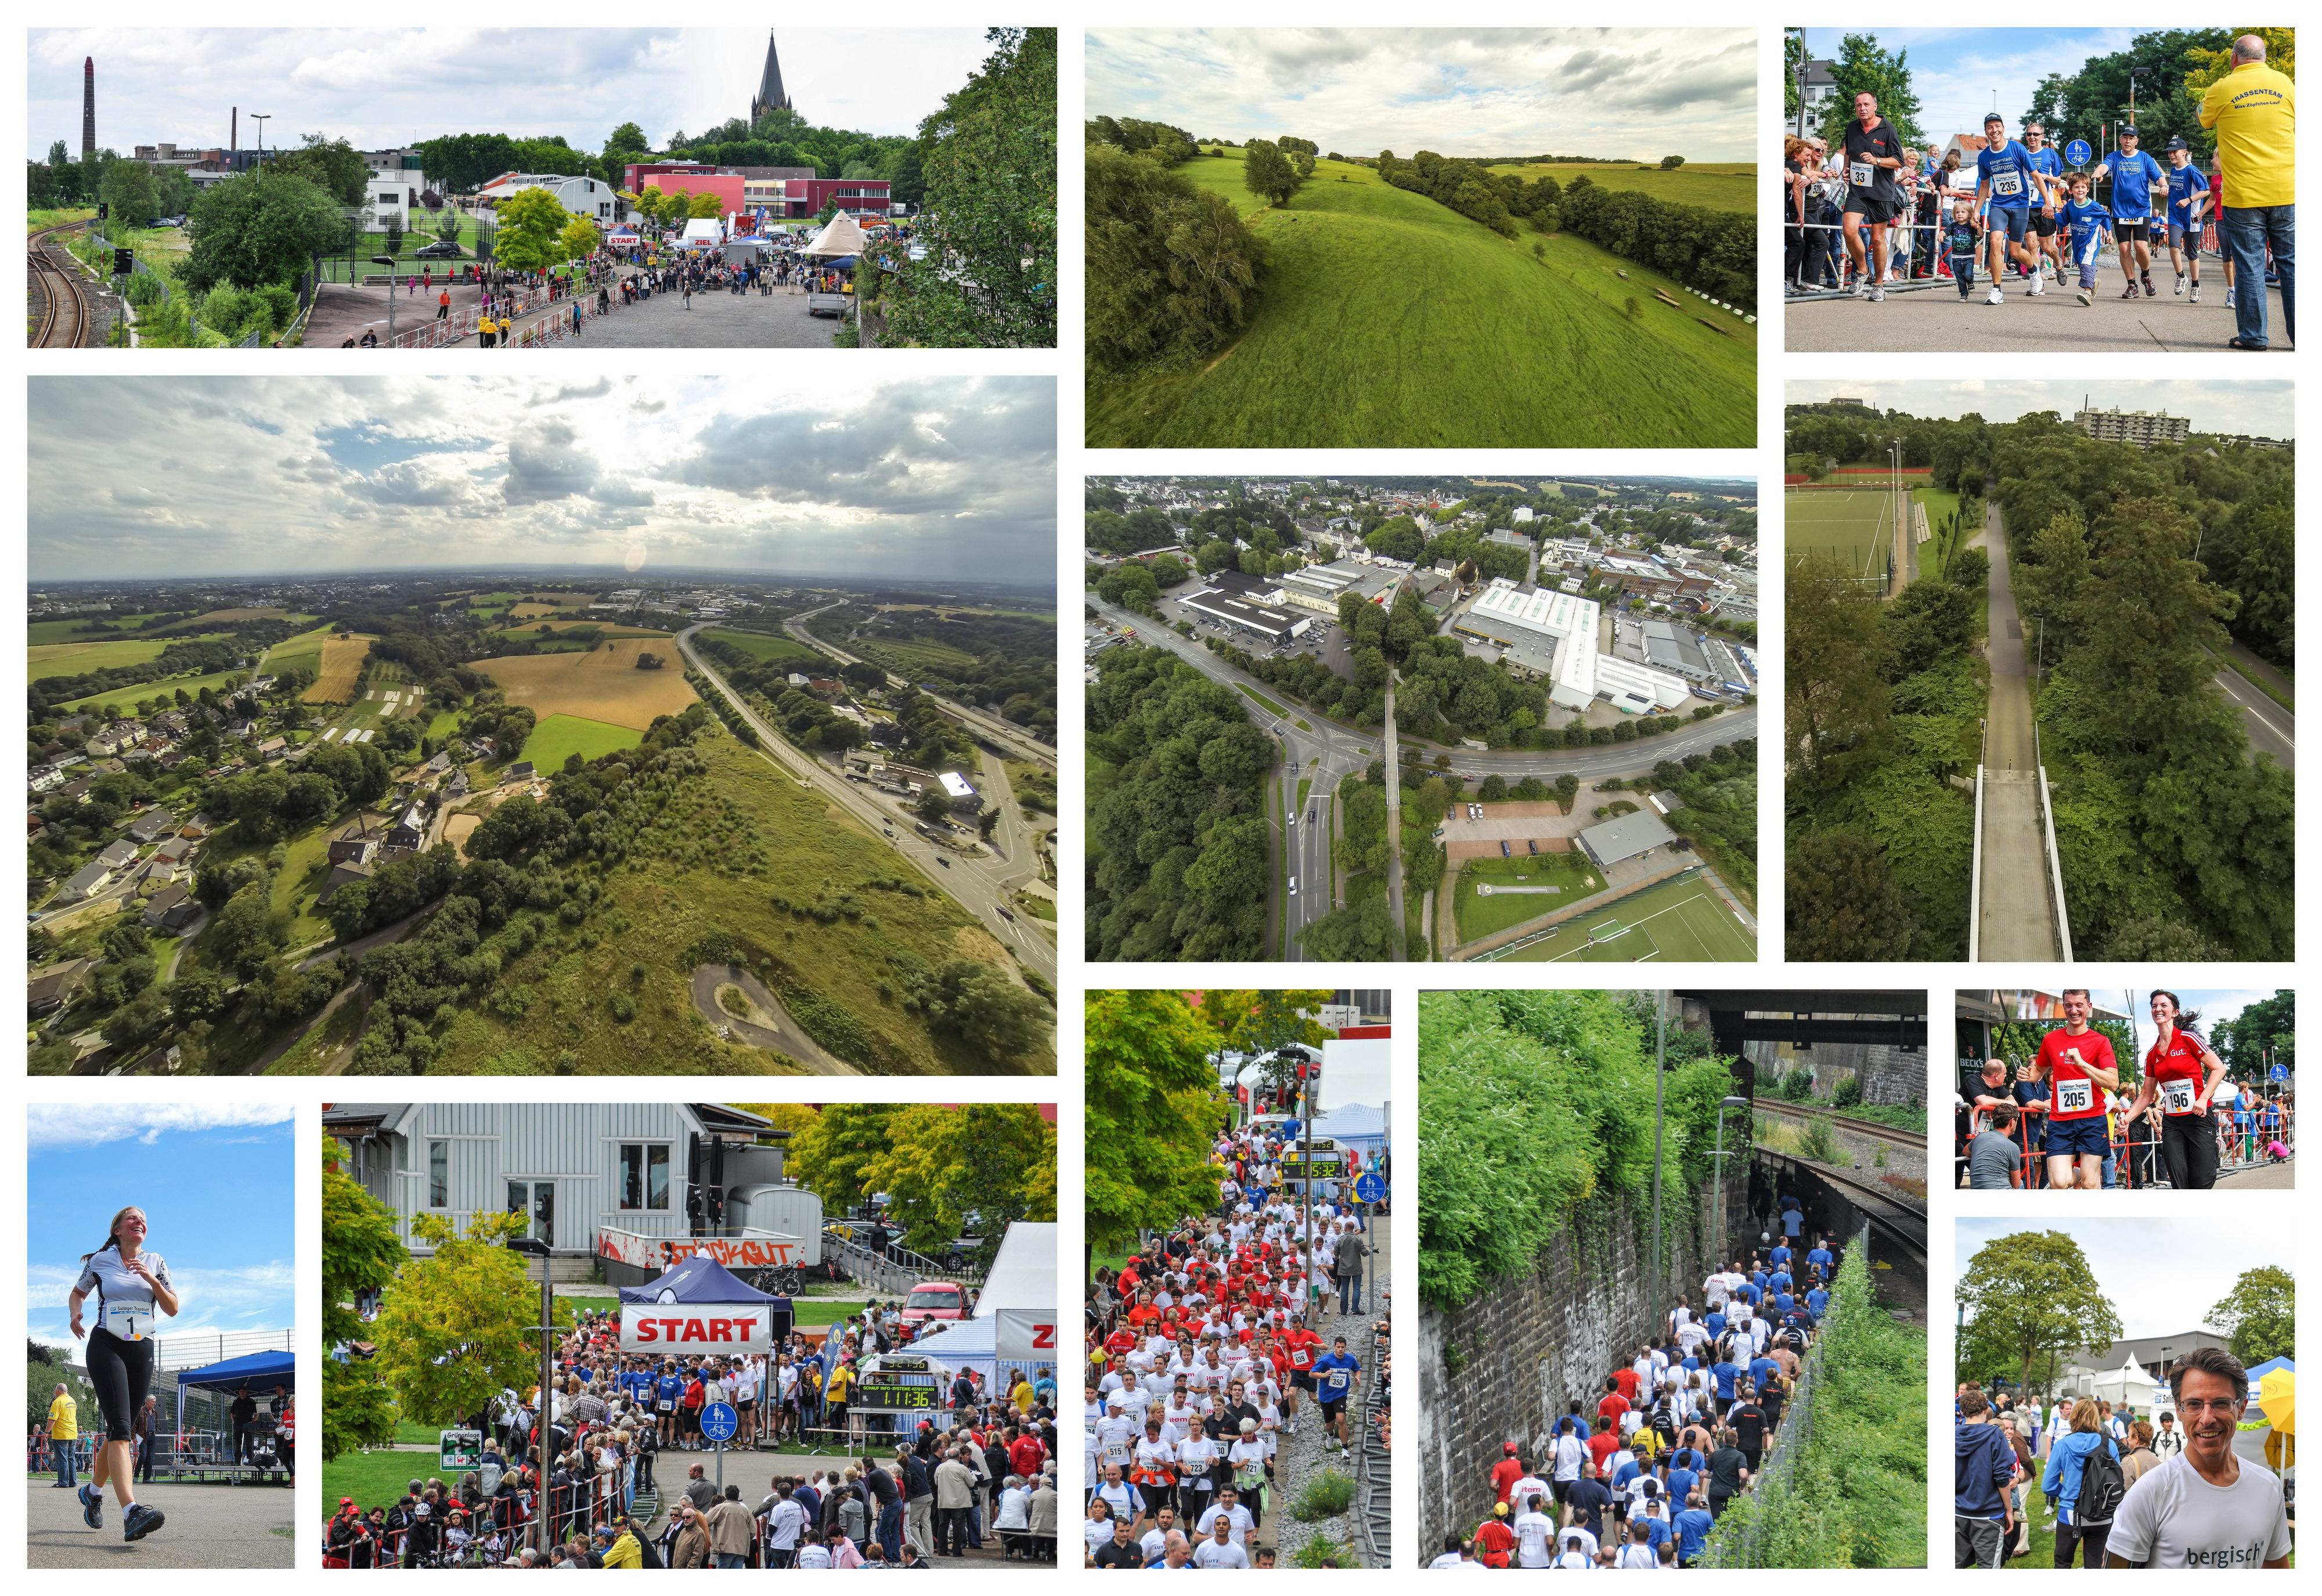 Miss Zöpfchen Lauf Halbmarathon Marathon Bilder Fotos Ausschreibung Ergebnisse 2014 Strecke Solingen Wuppertal Preis Anmeldung Firmenlauf Alf Dahl Drohne UAV Quadrocopter HExacopter DJI